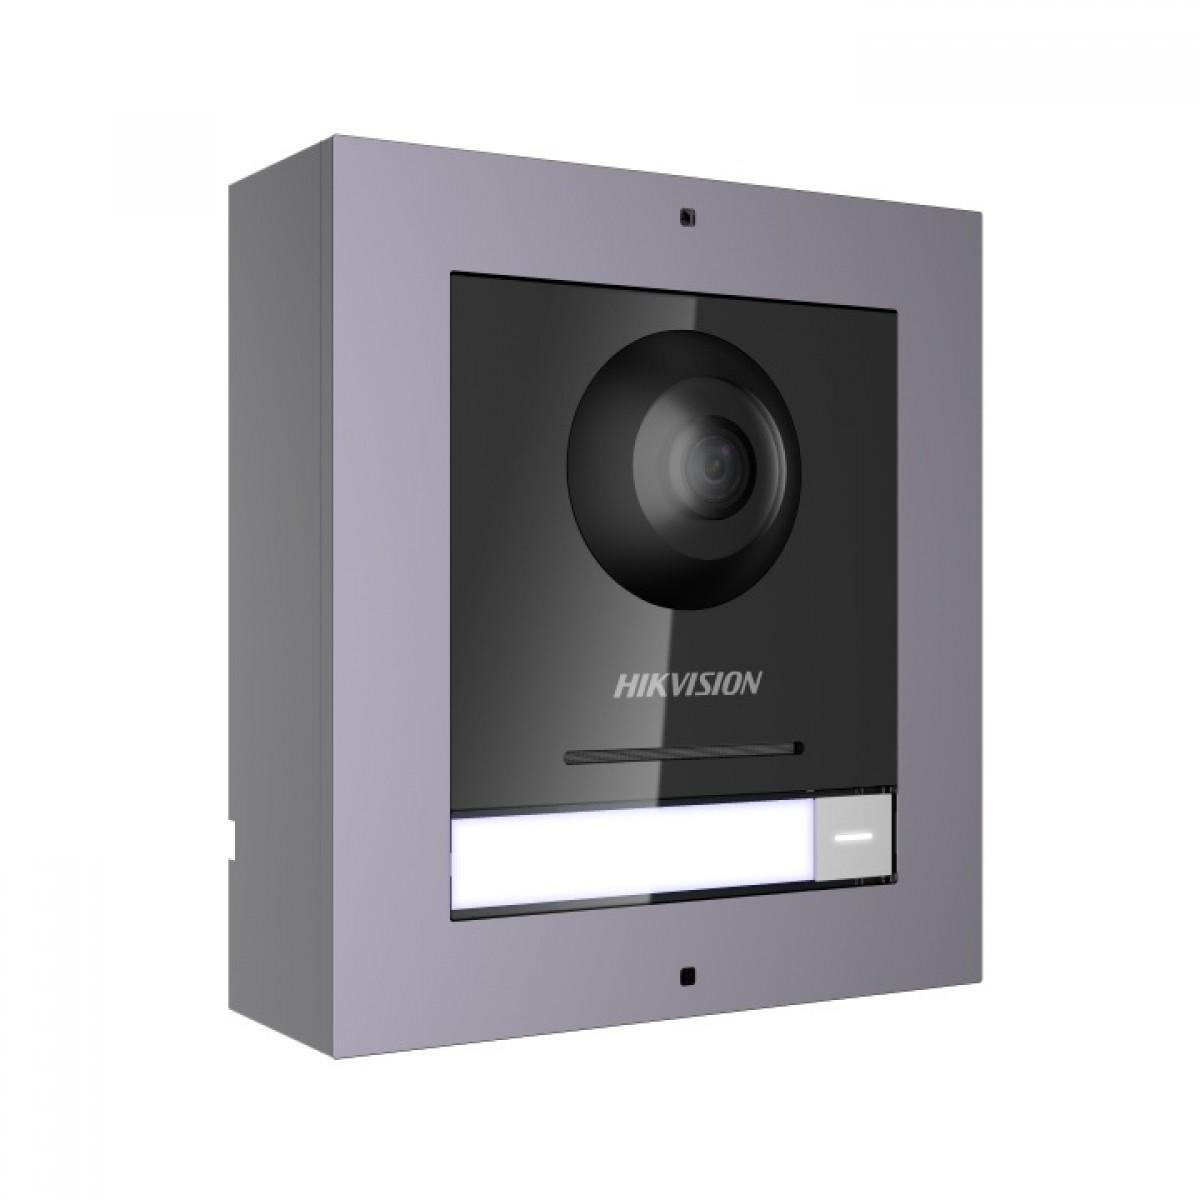 HIKVISION DS-KD8003-IME1 EMBUTIR